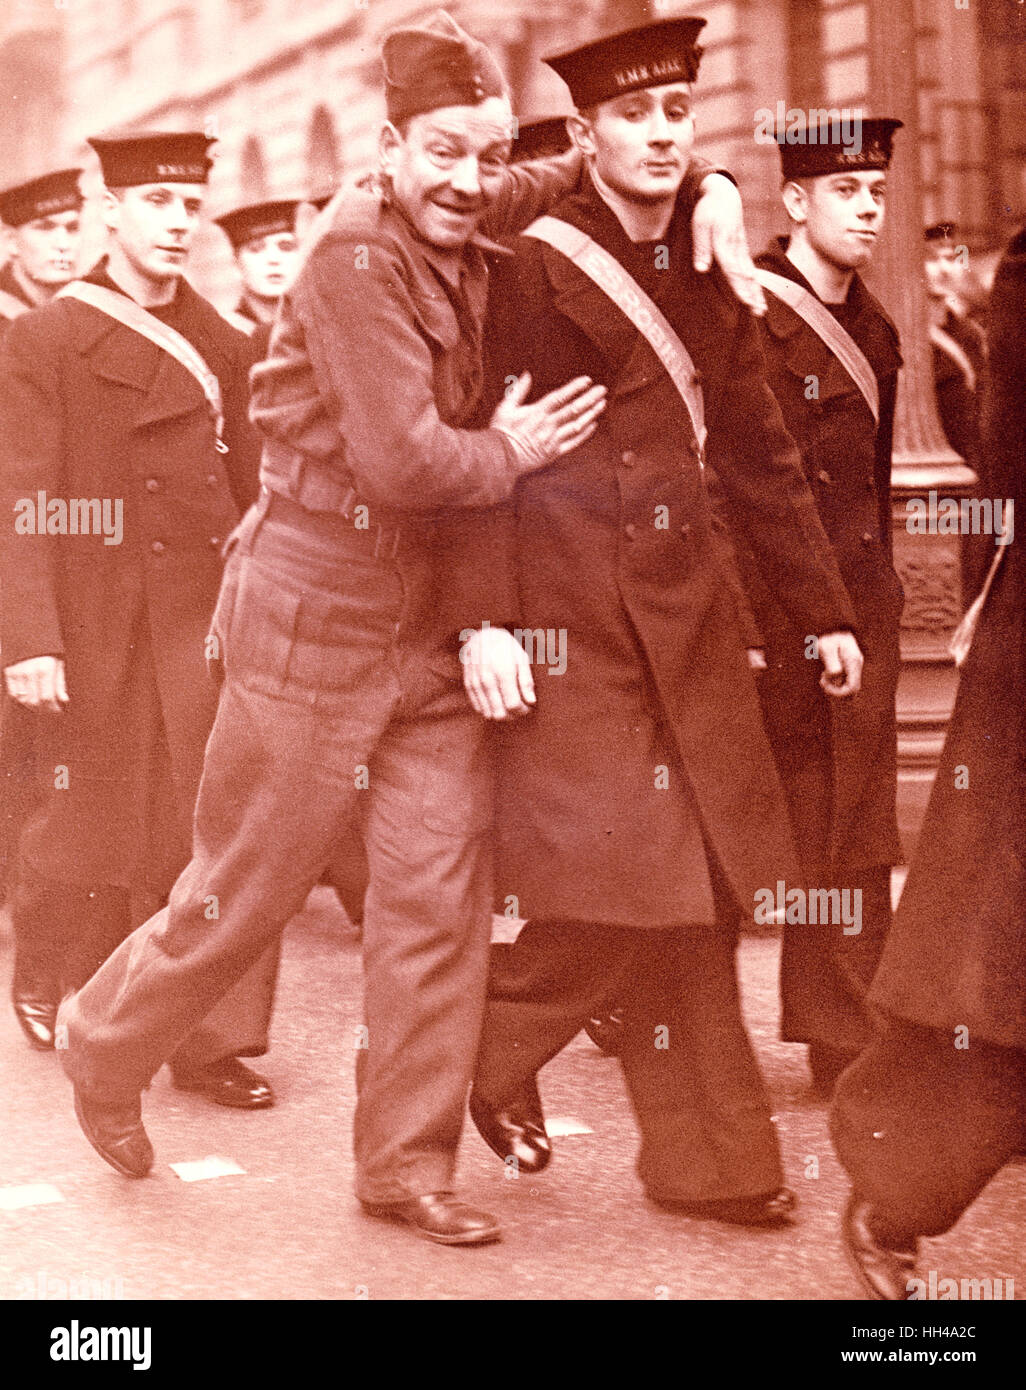 Offizier und Crew der HMS Exeter und HMS Ajax teilgenommen wo die deutschen Graff Spree versenkt wurde in der Schlacht Stockbild